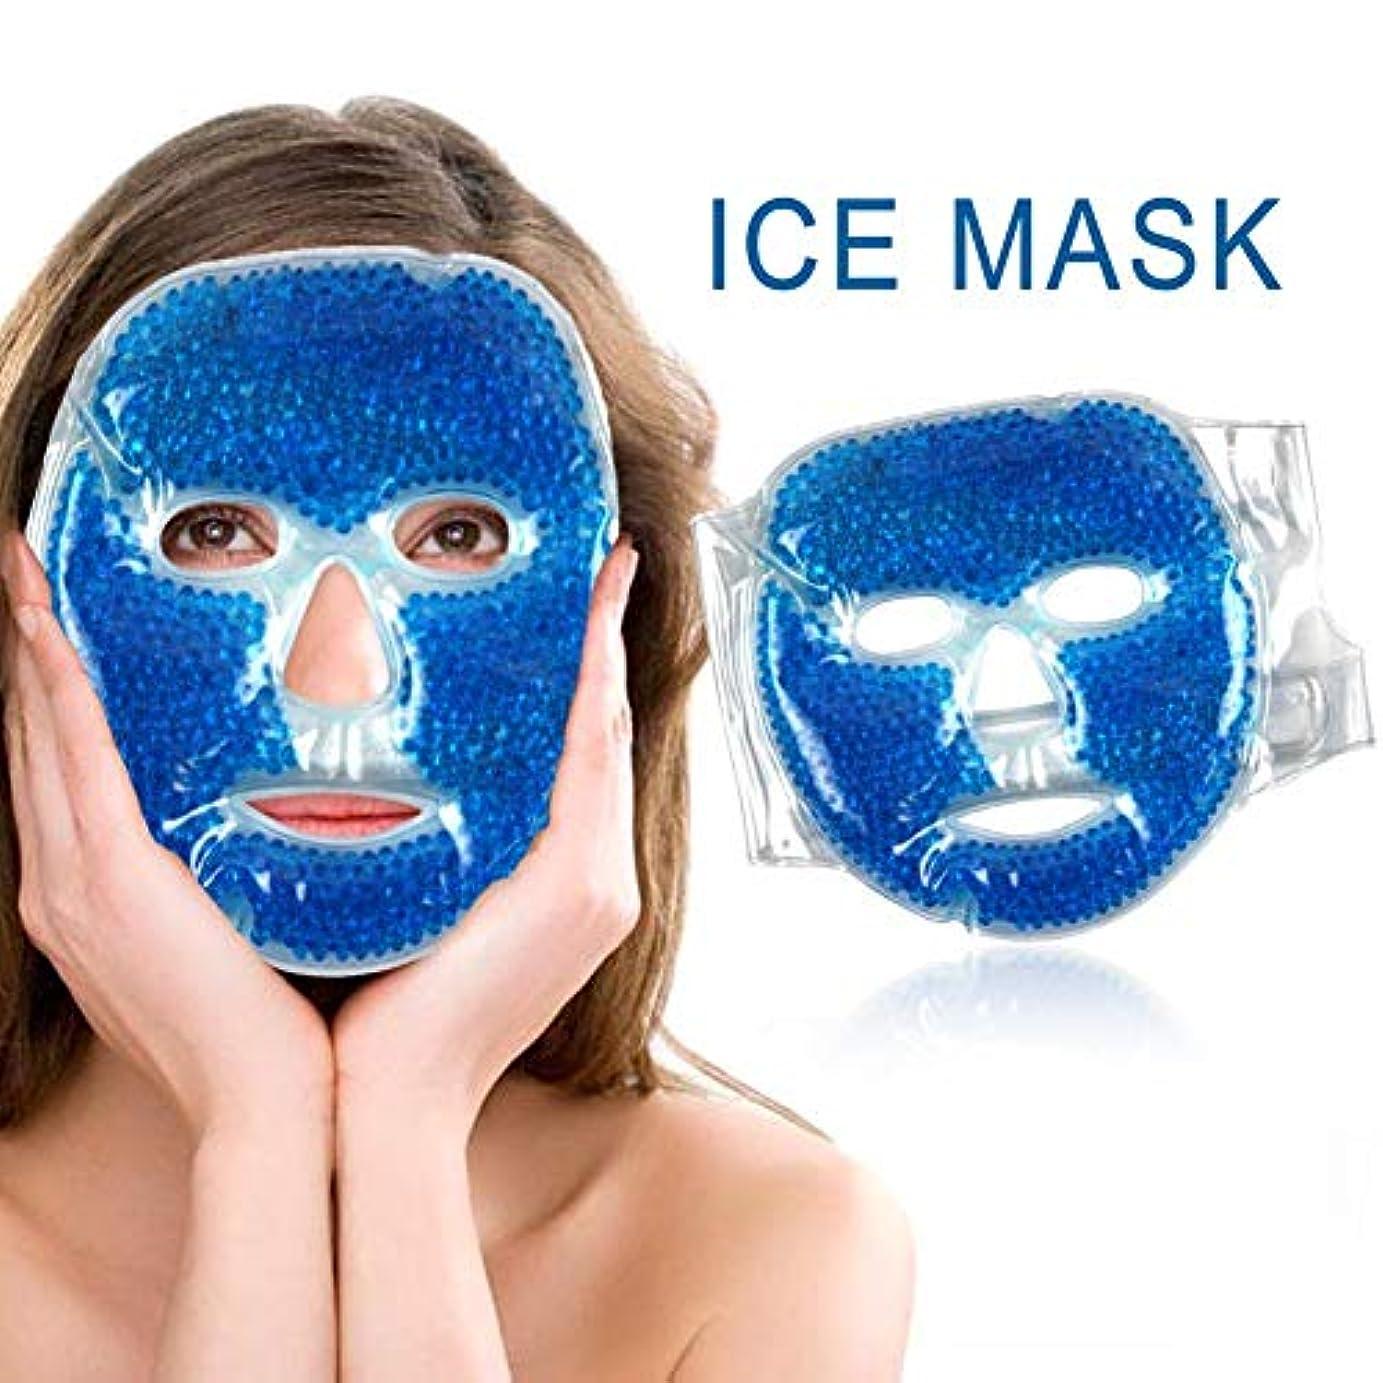 恋人ペース人生を作るSILUN フェイスマスク 冷温兼用 アイスマスク 美容用 再利用可能 毛細血管収縮 疲労緩和 肌ケア 保湿 吸収しやすい 美容マッサージ